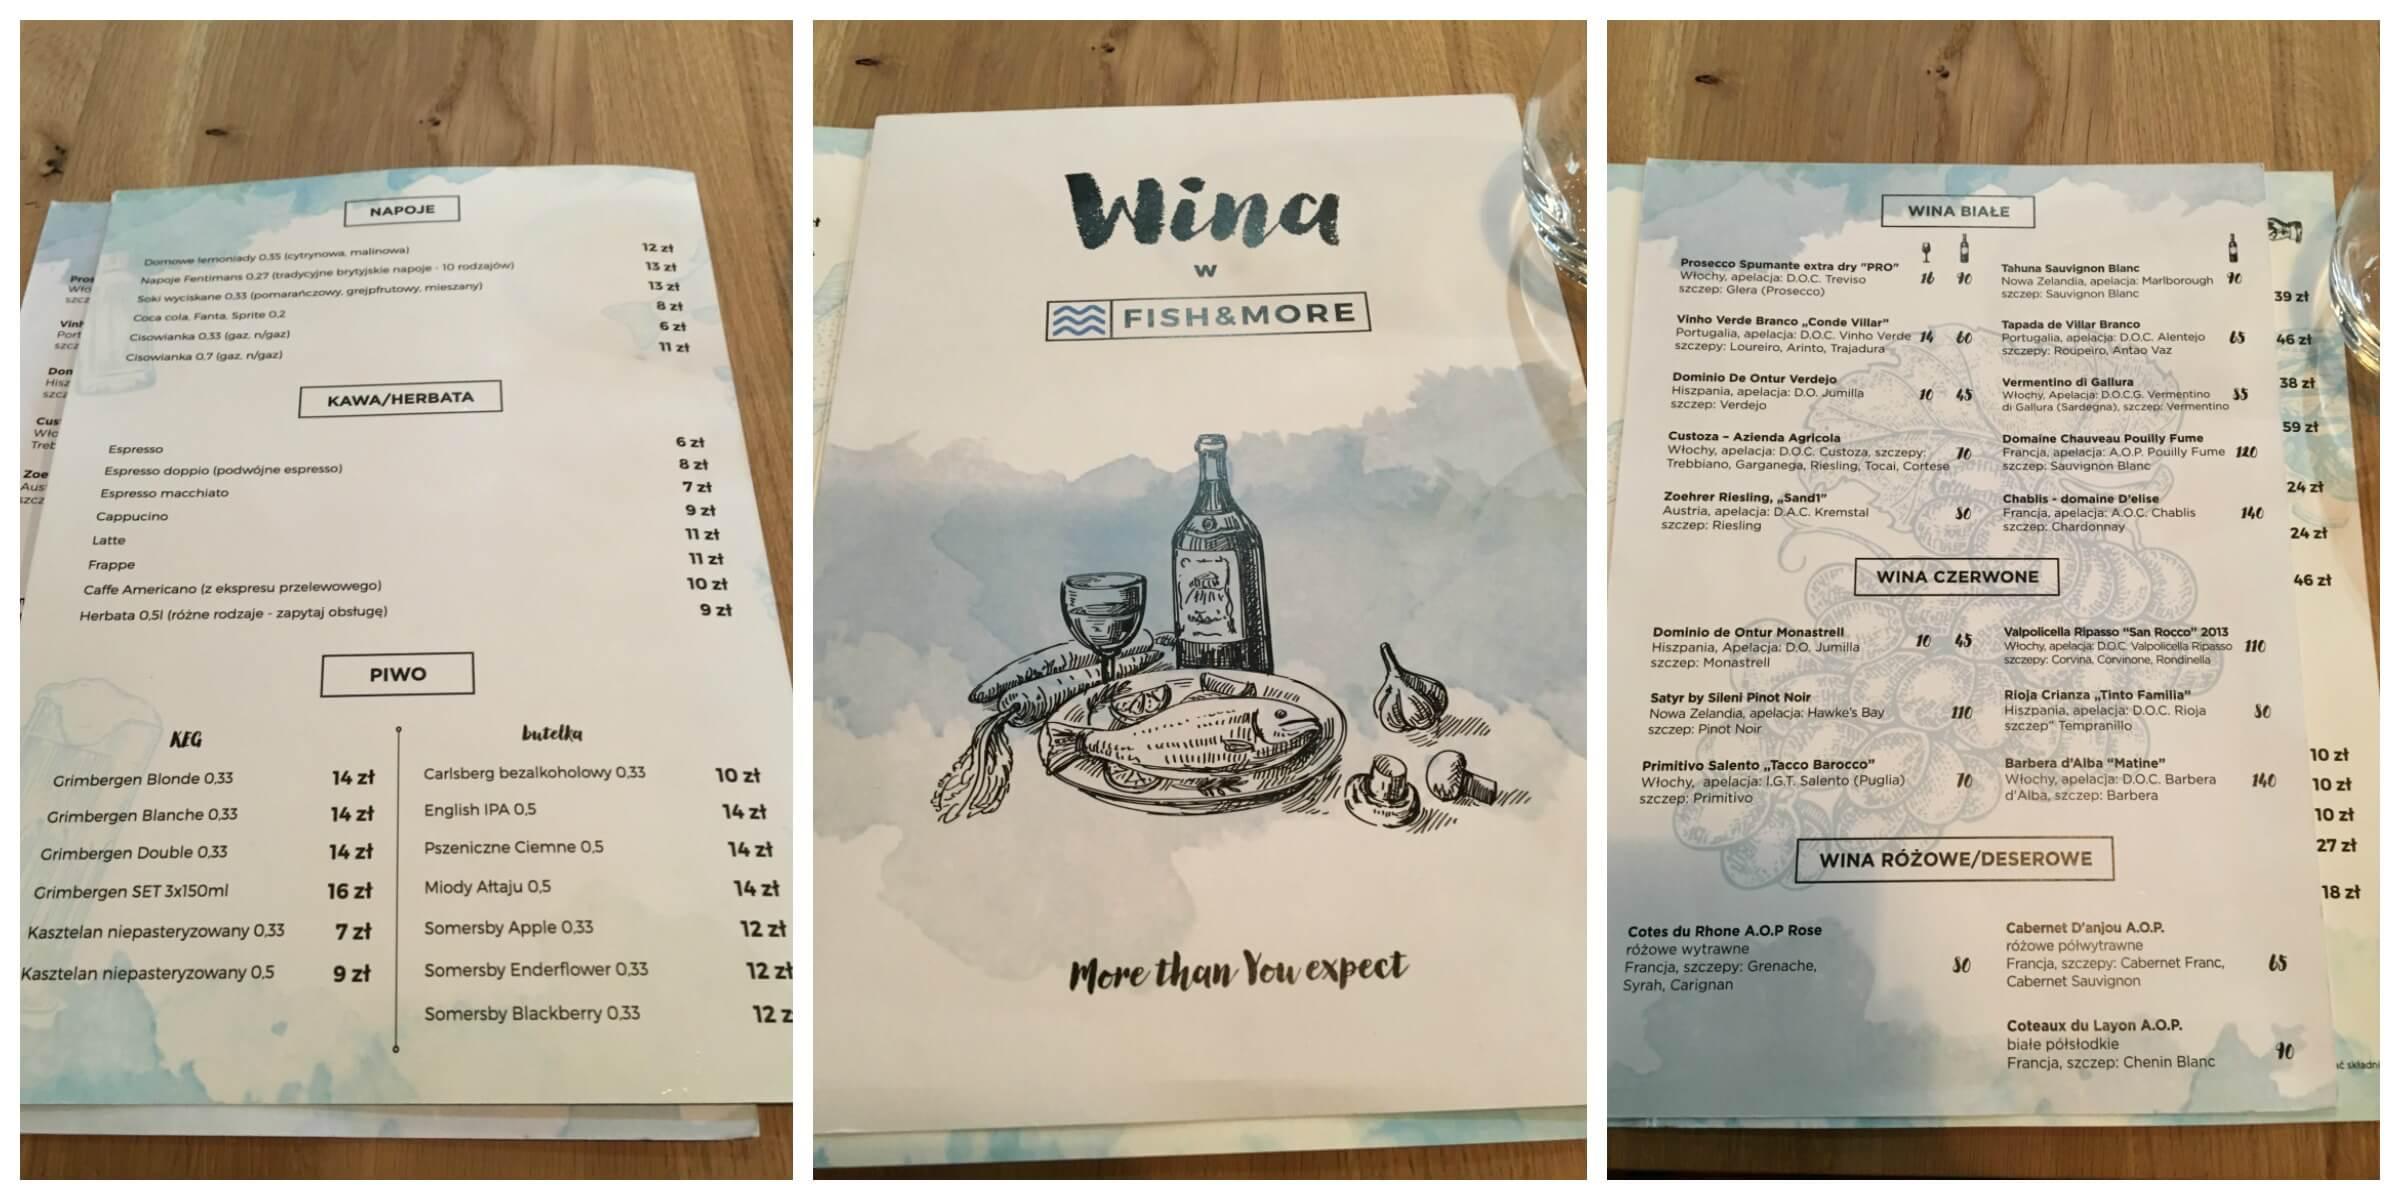 menu fish&more